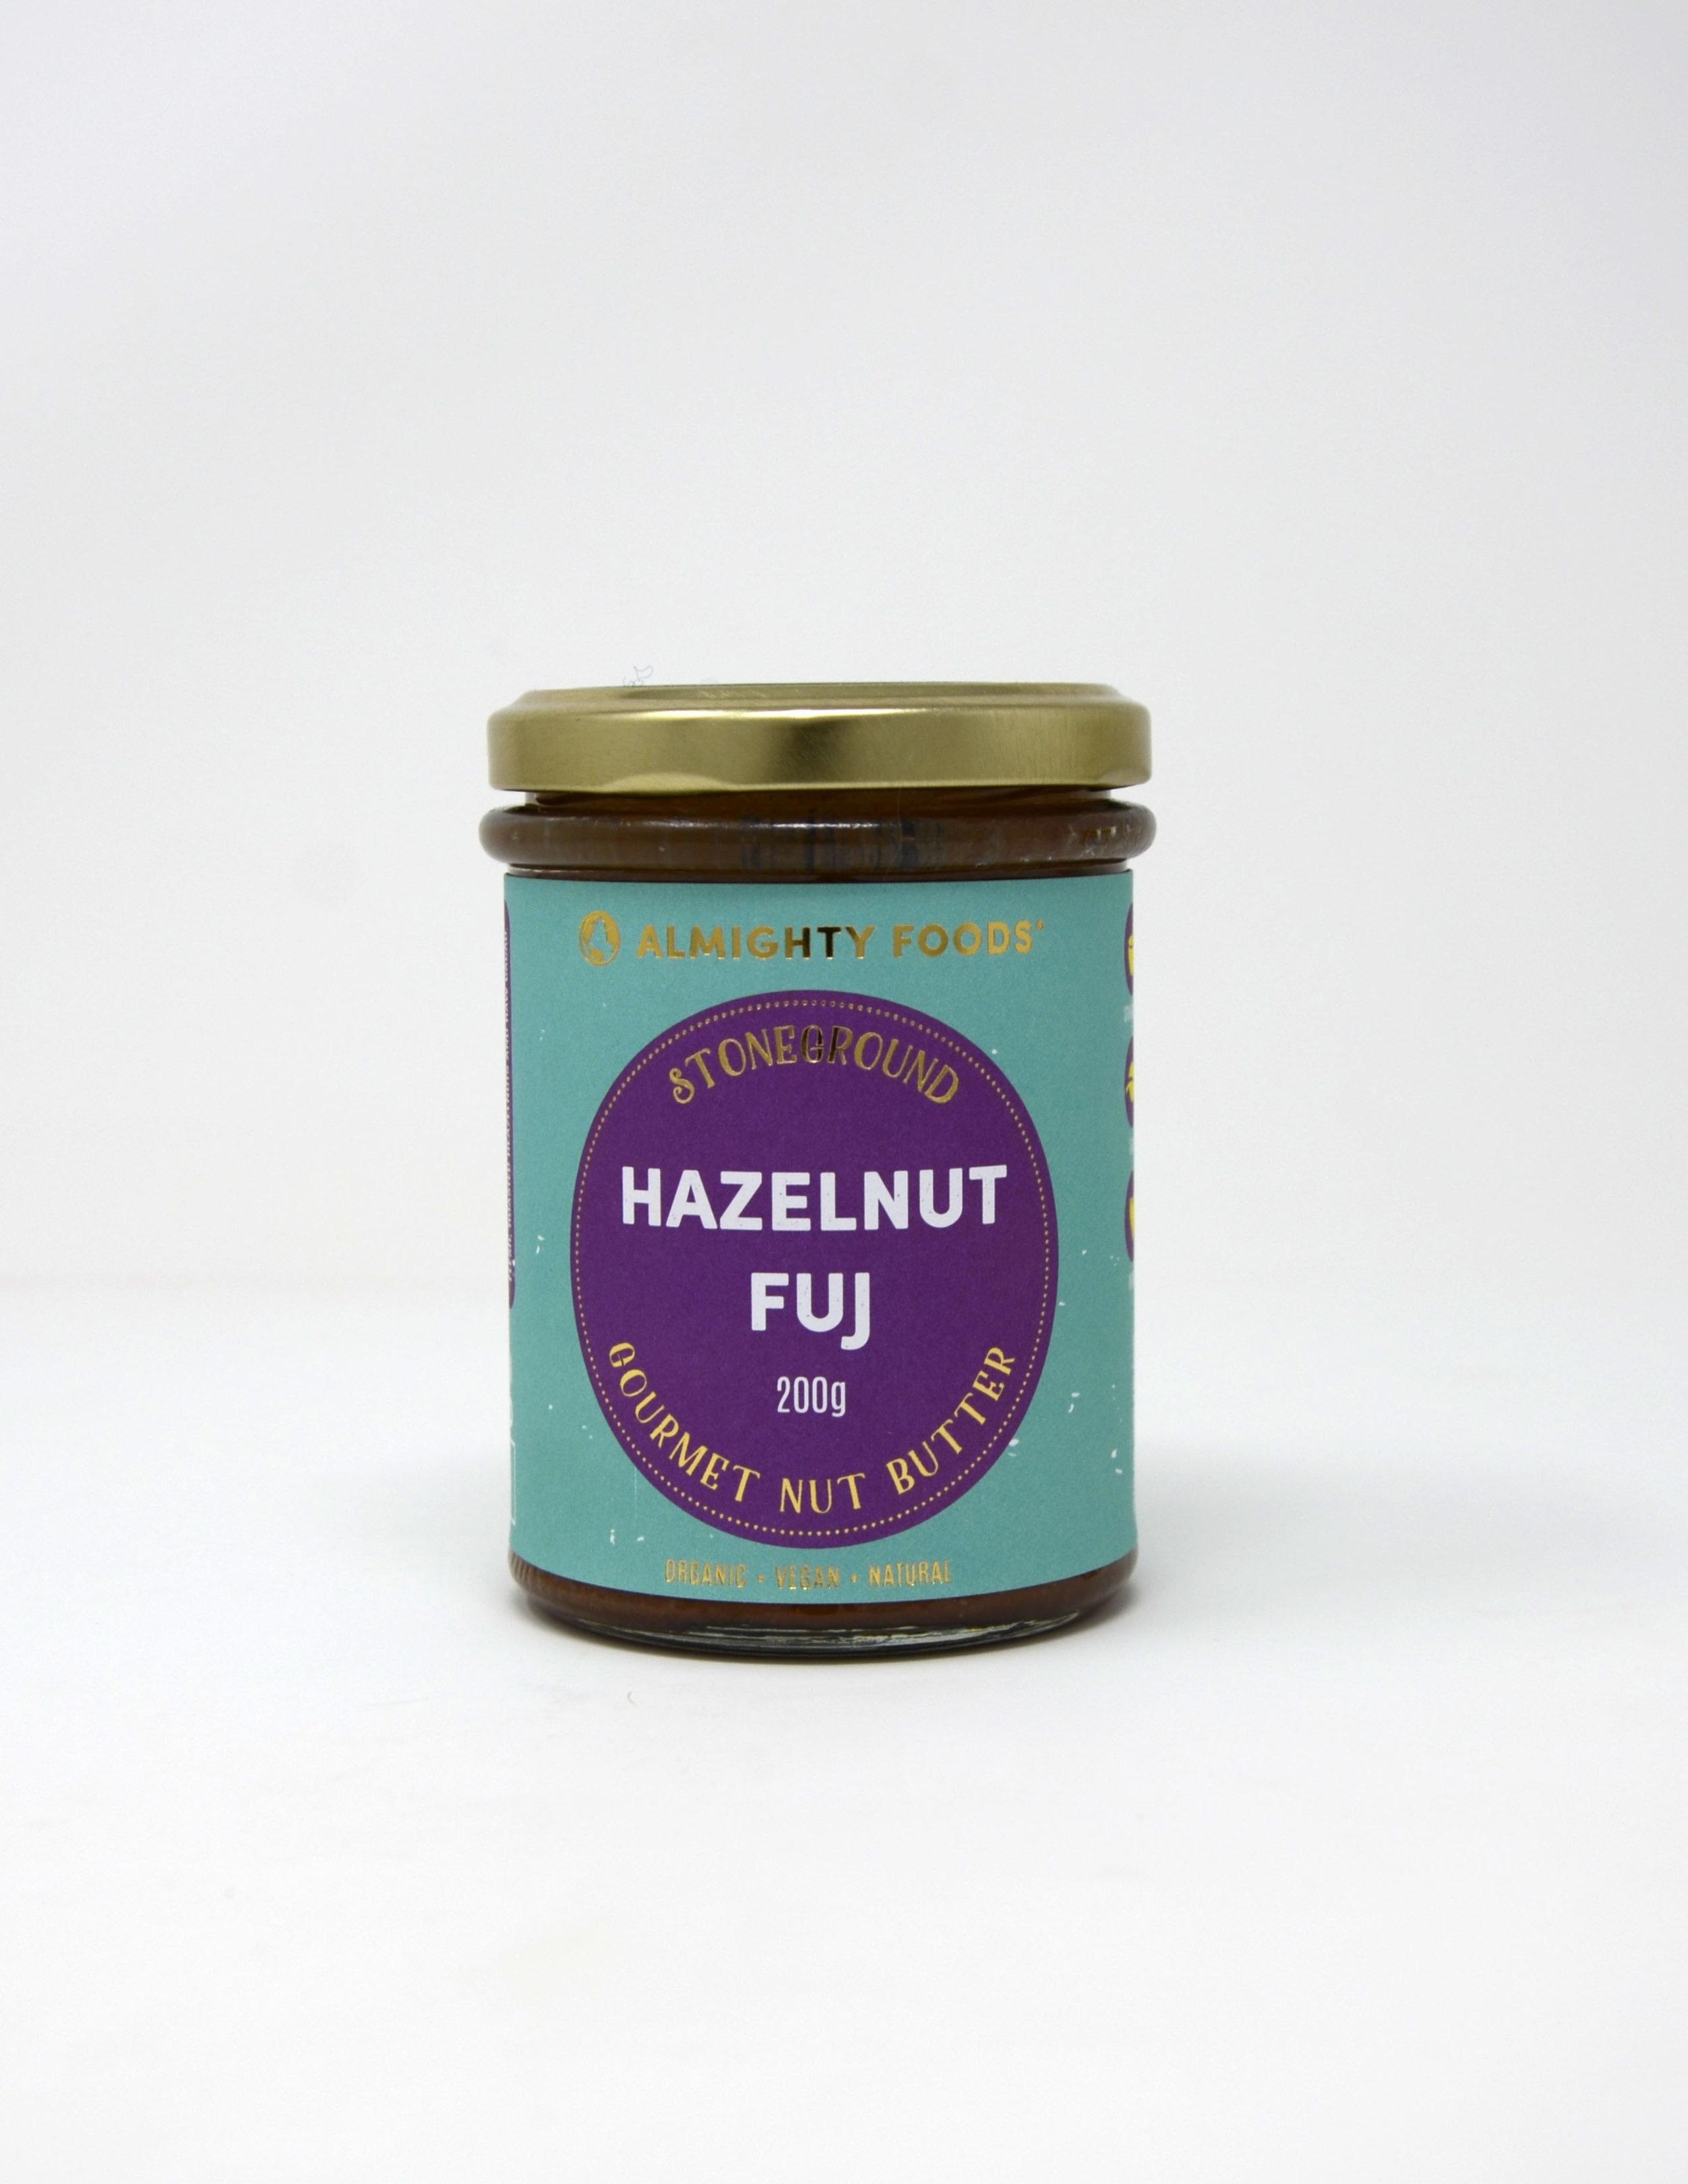 Hazelnut Fuj